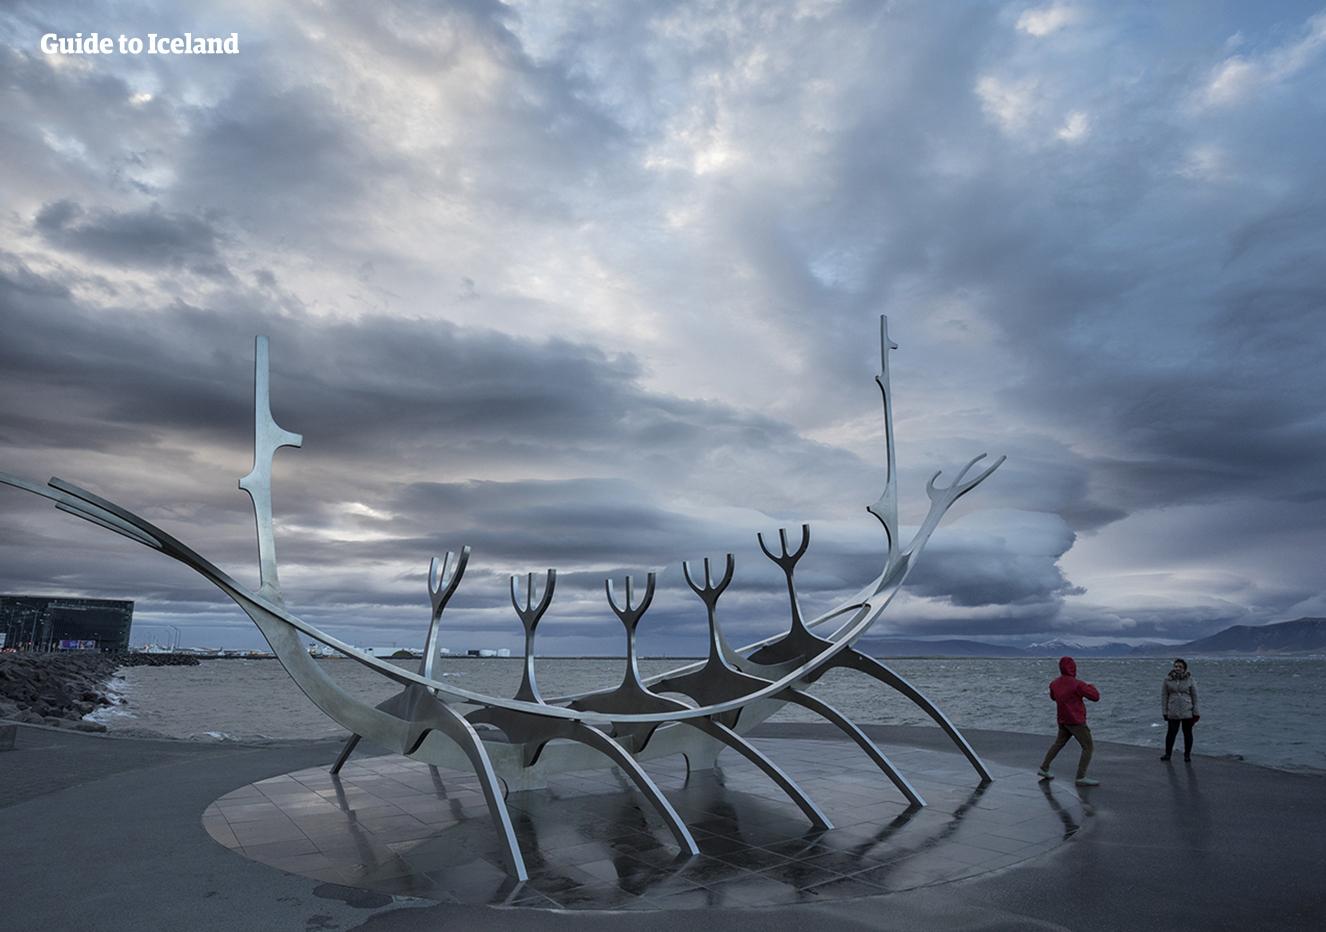 太阳航海者雕塑Sun Voyager是雷克雅未克的地标